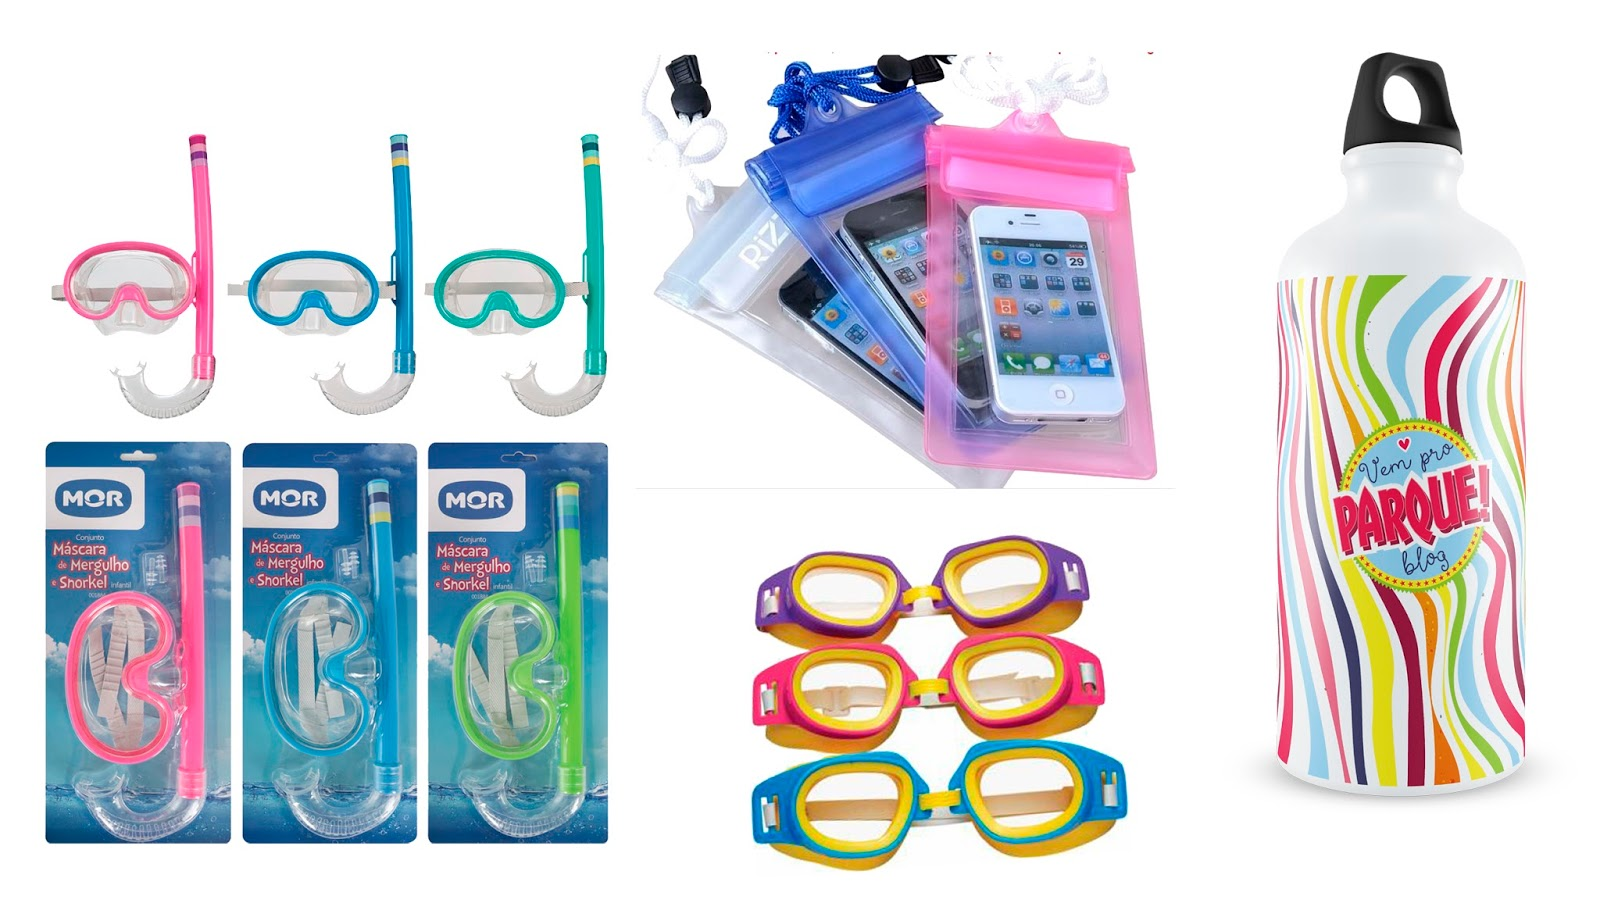 óculos mergulho, snorkel, squezze, capa celular a prova d'água